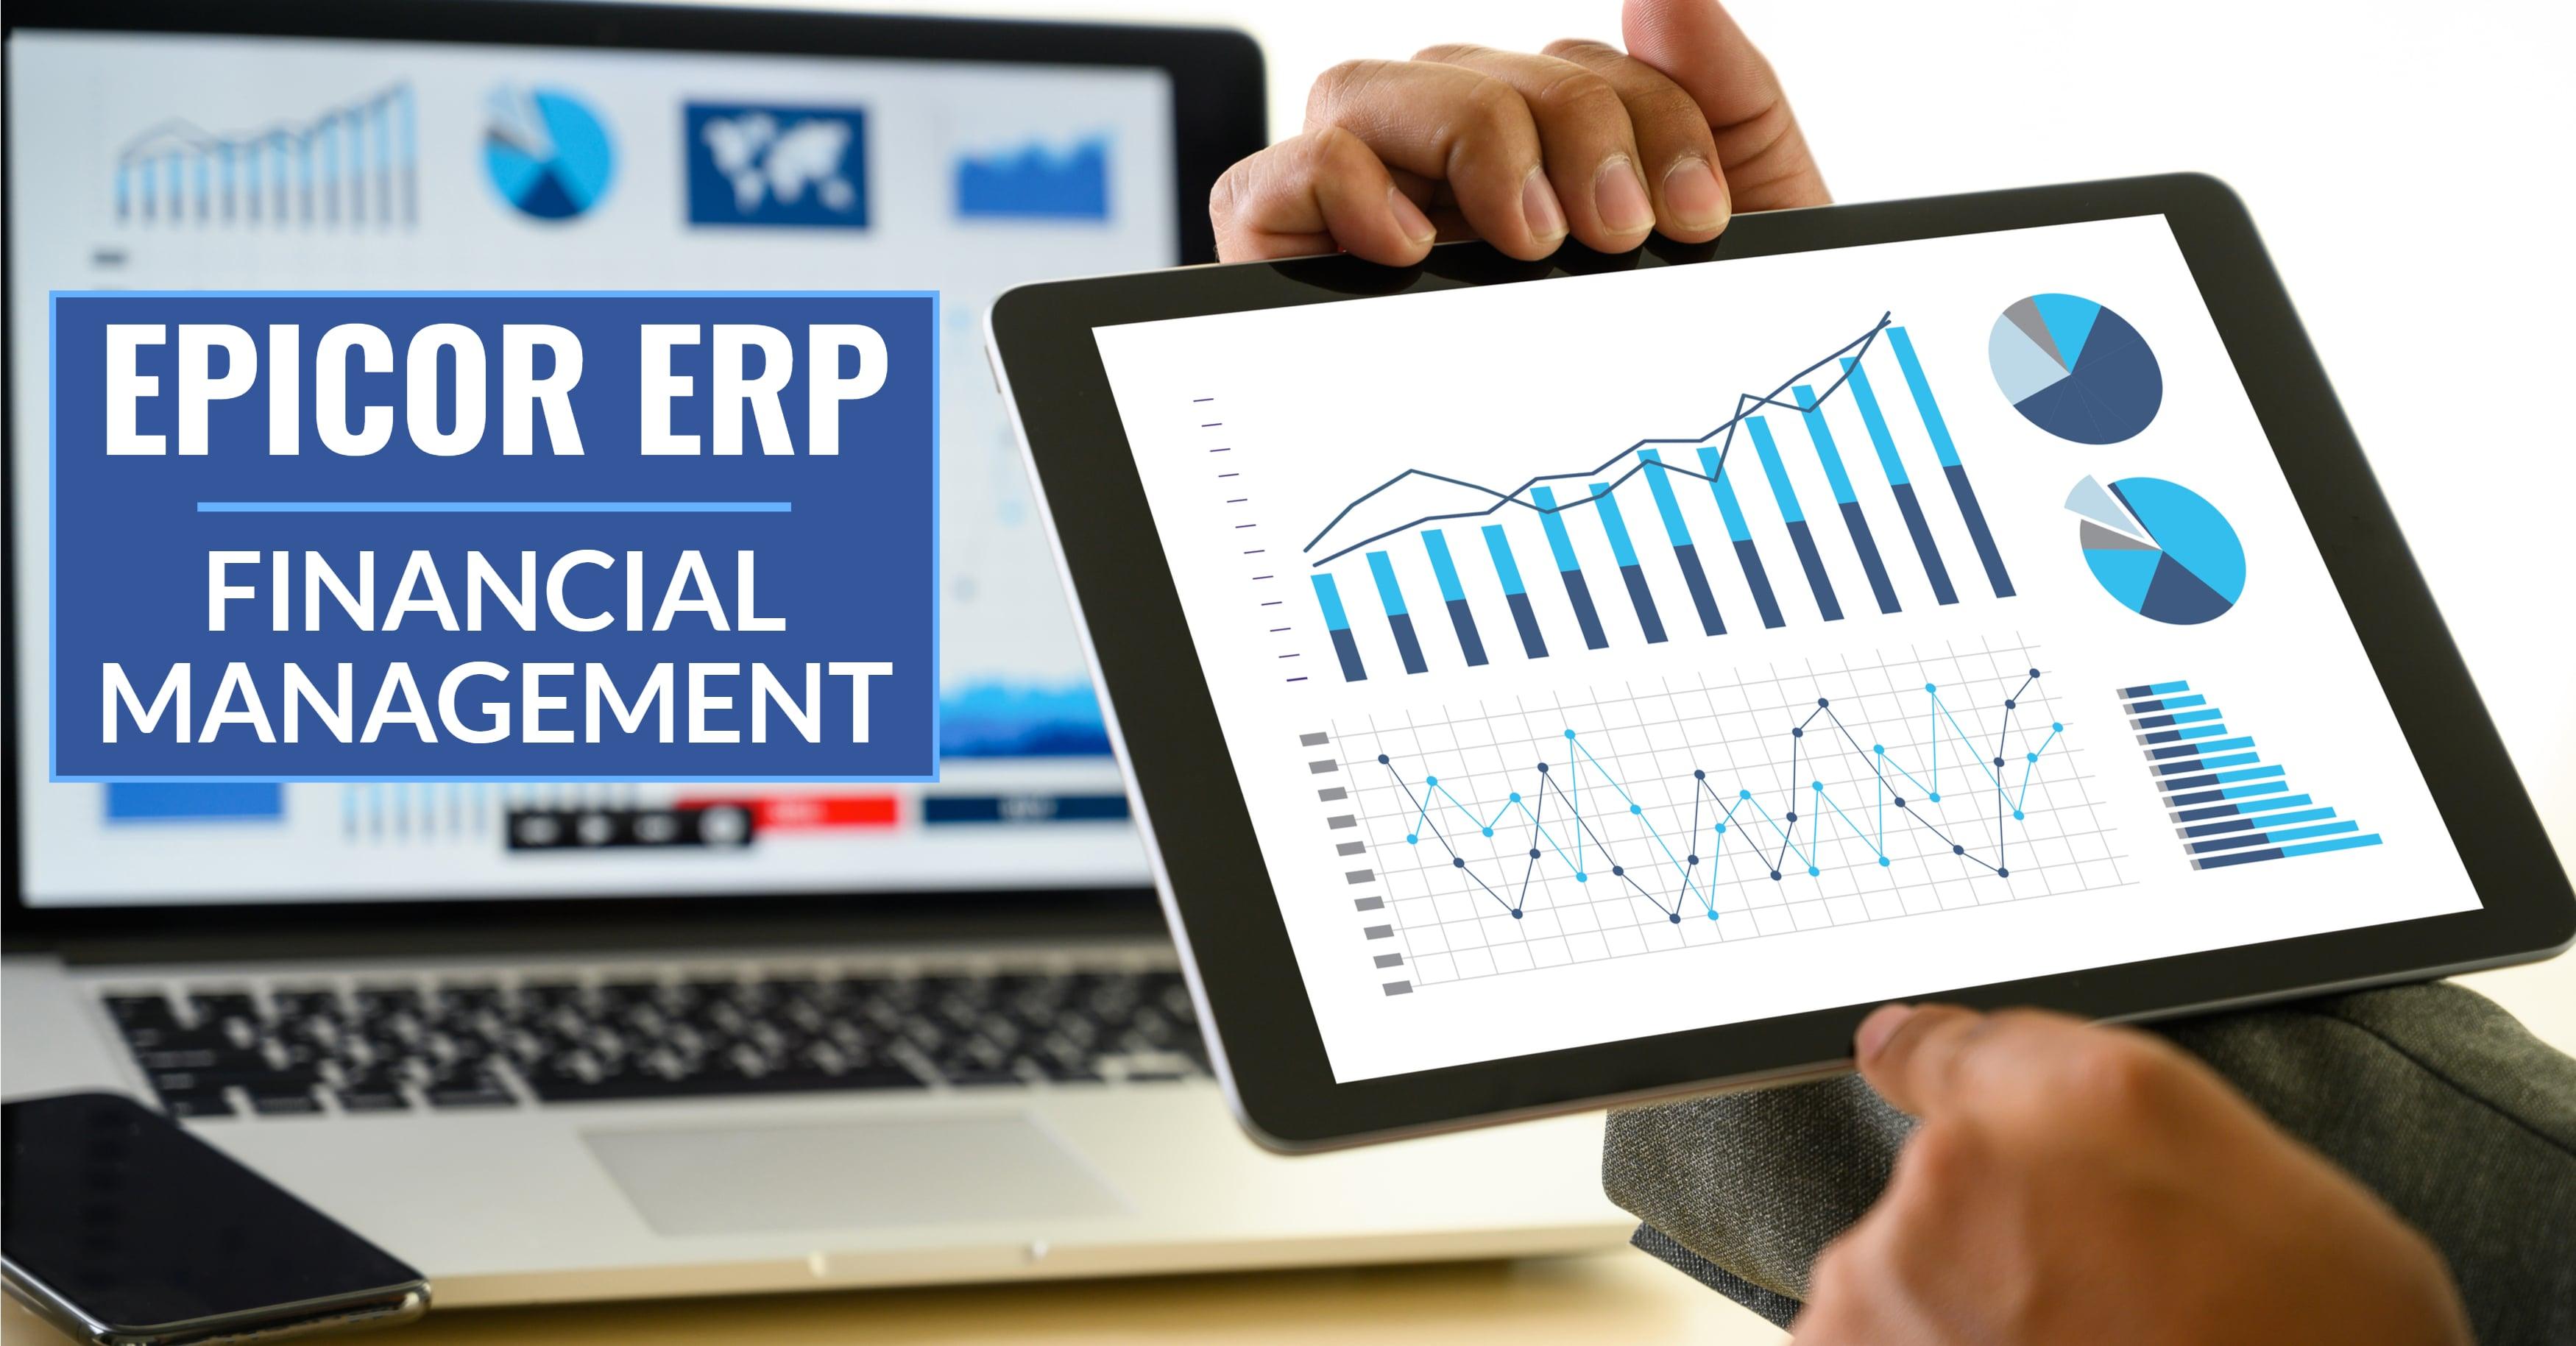 Financial Management Epicor ERP